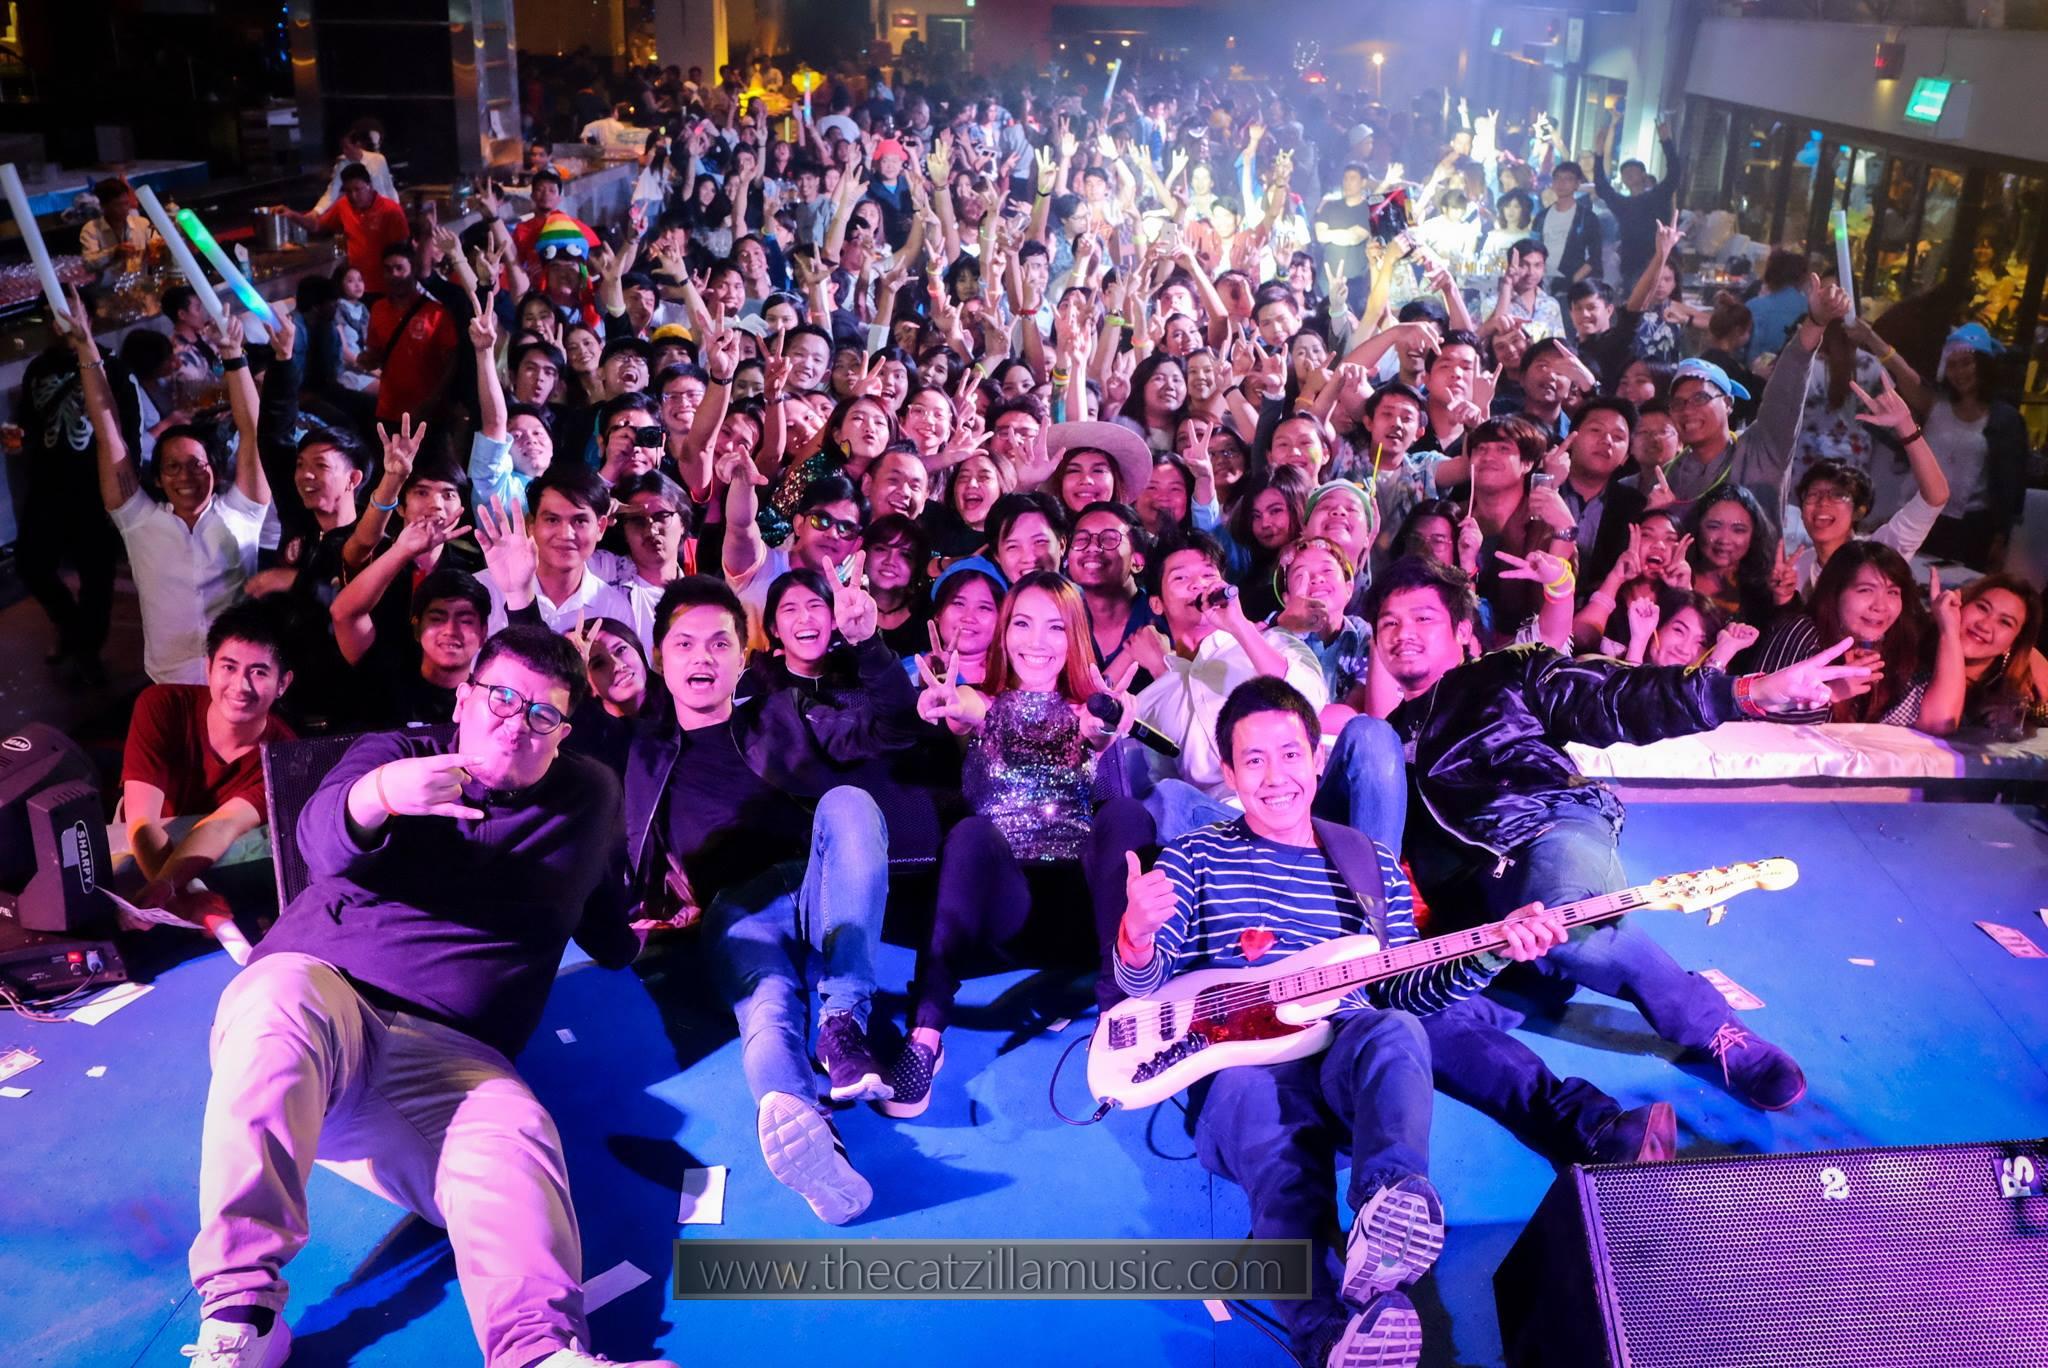 บุ๋นแบนด์ Catzilla วงดนตรี after party ราคา จ้างวงดนตรีสด วงดนตรีงานเลี้ยง Garena Retro Live Cafe